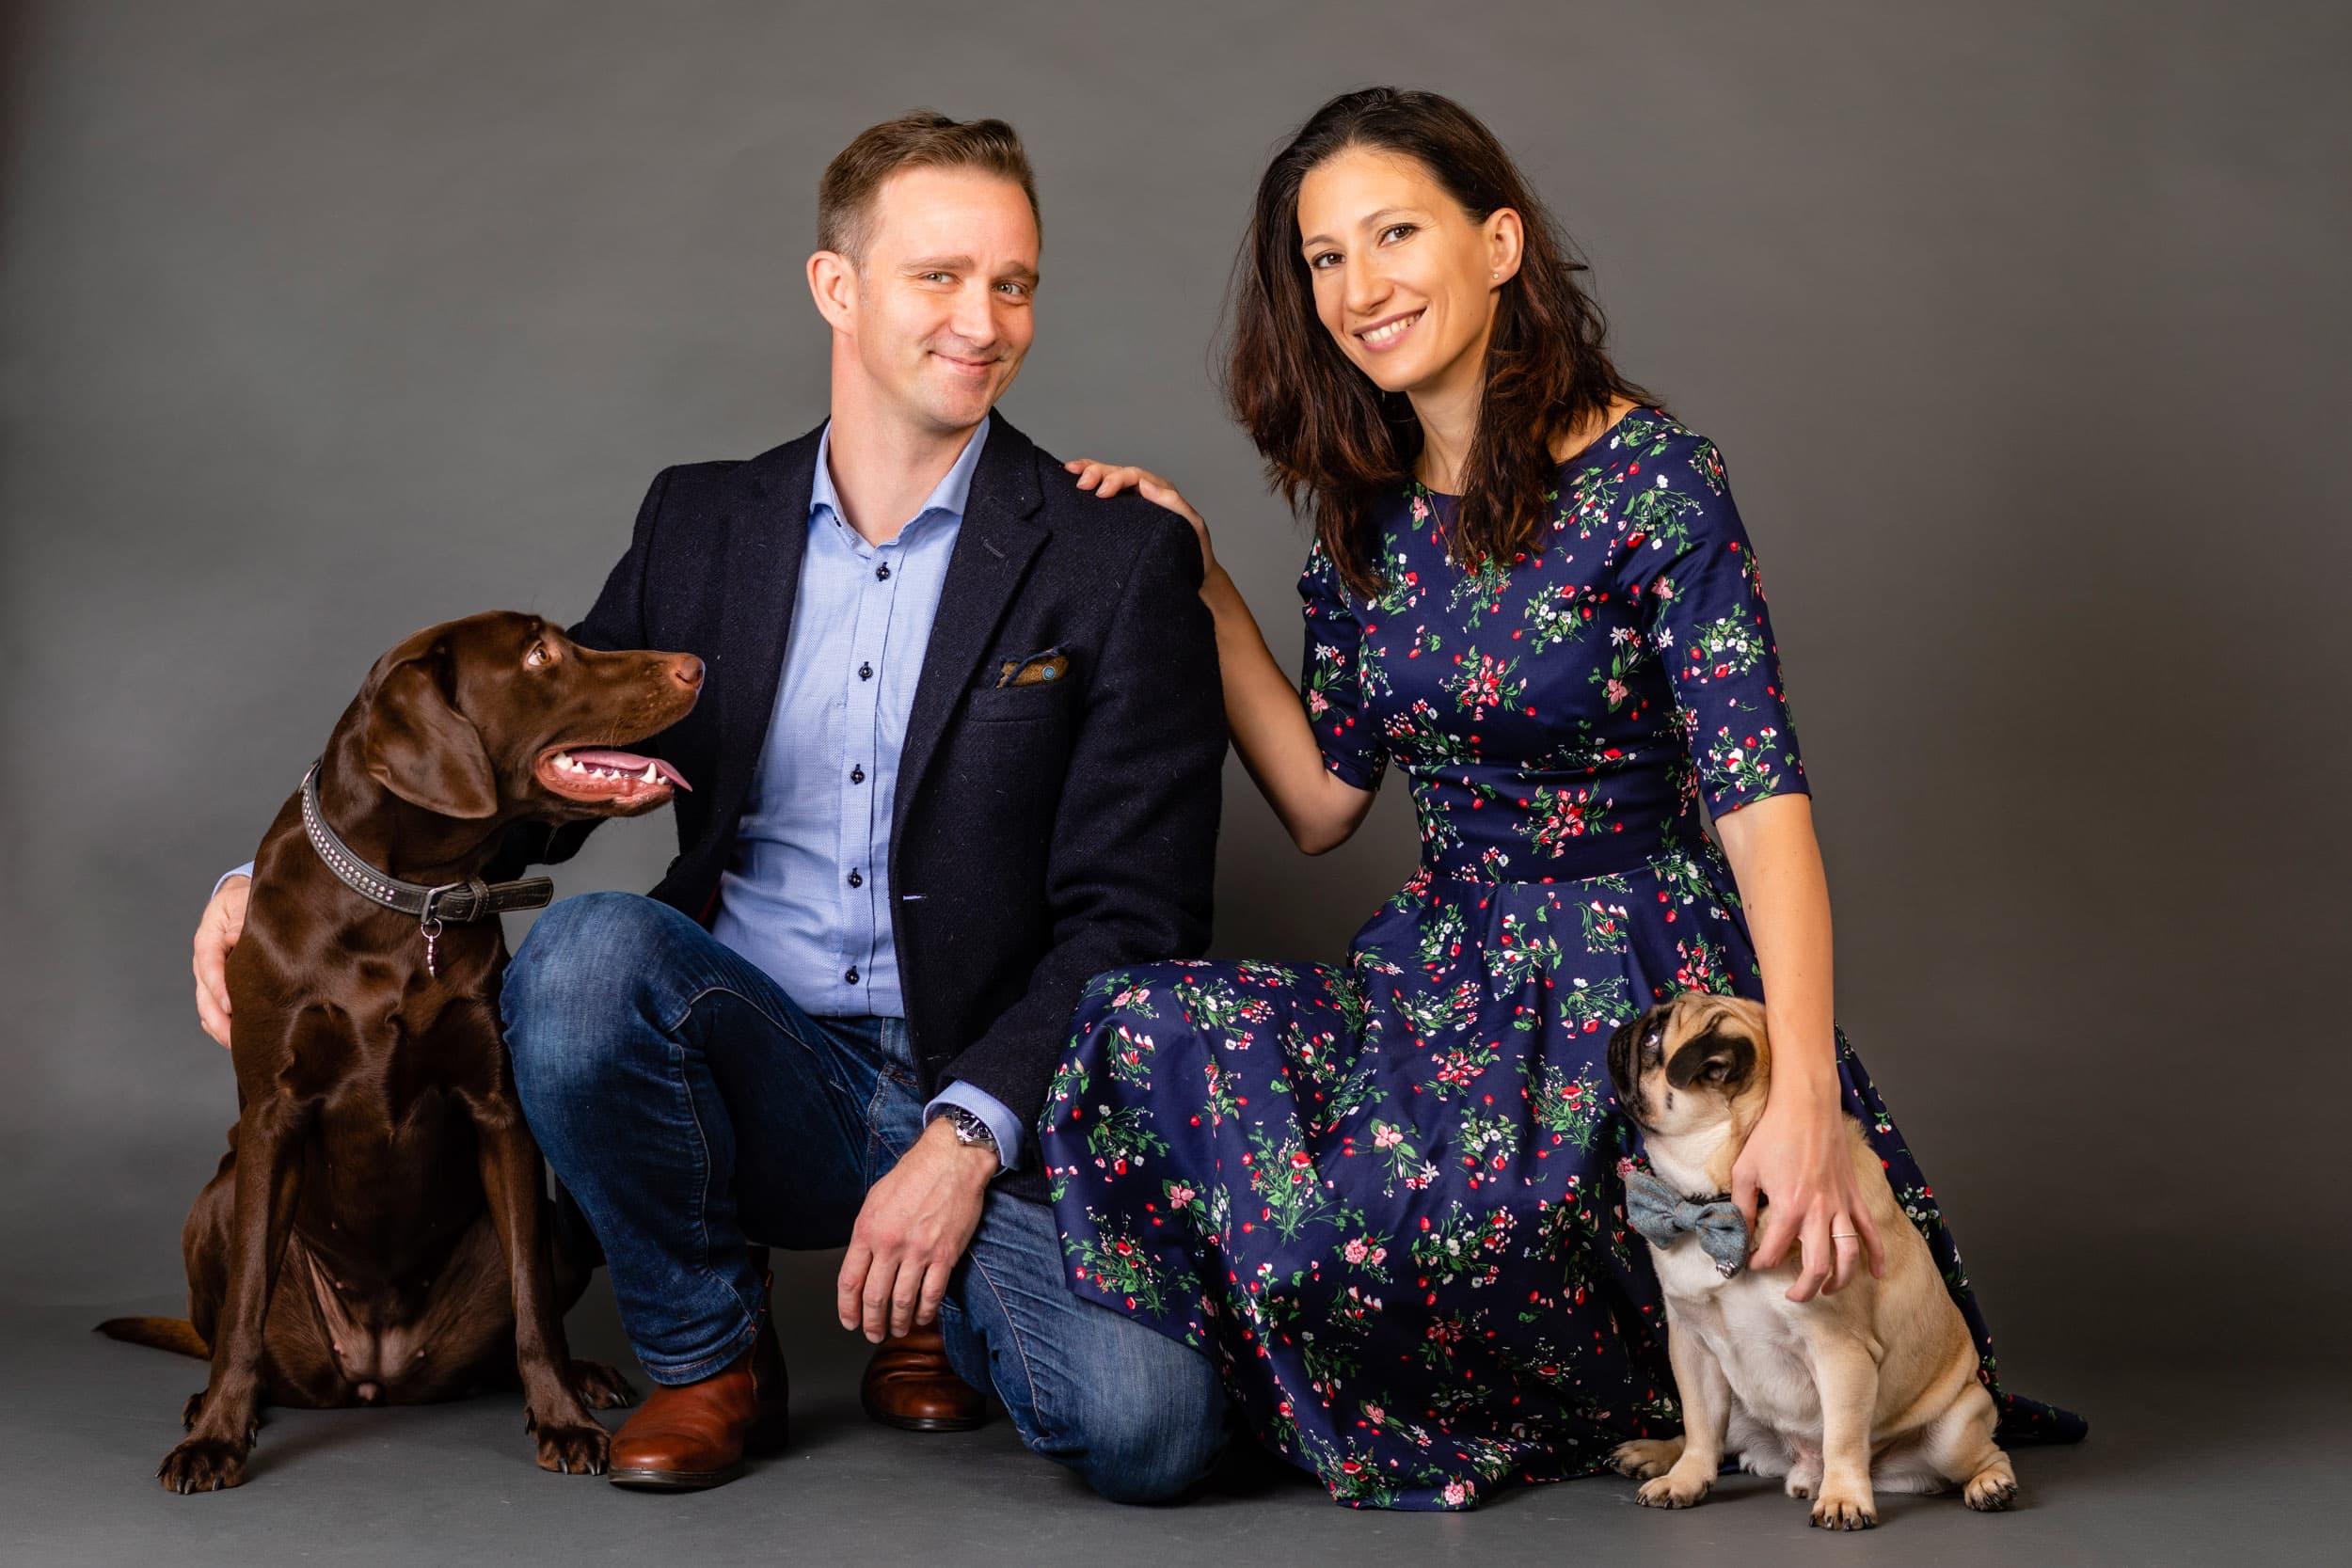 Hunde med til fotograf - Kærester